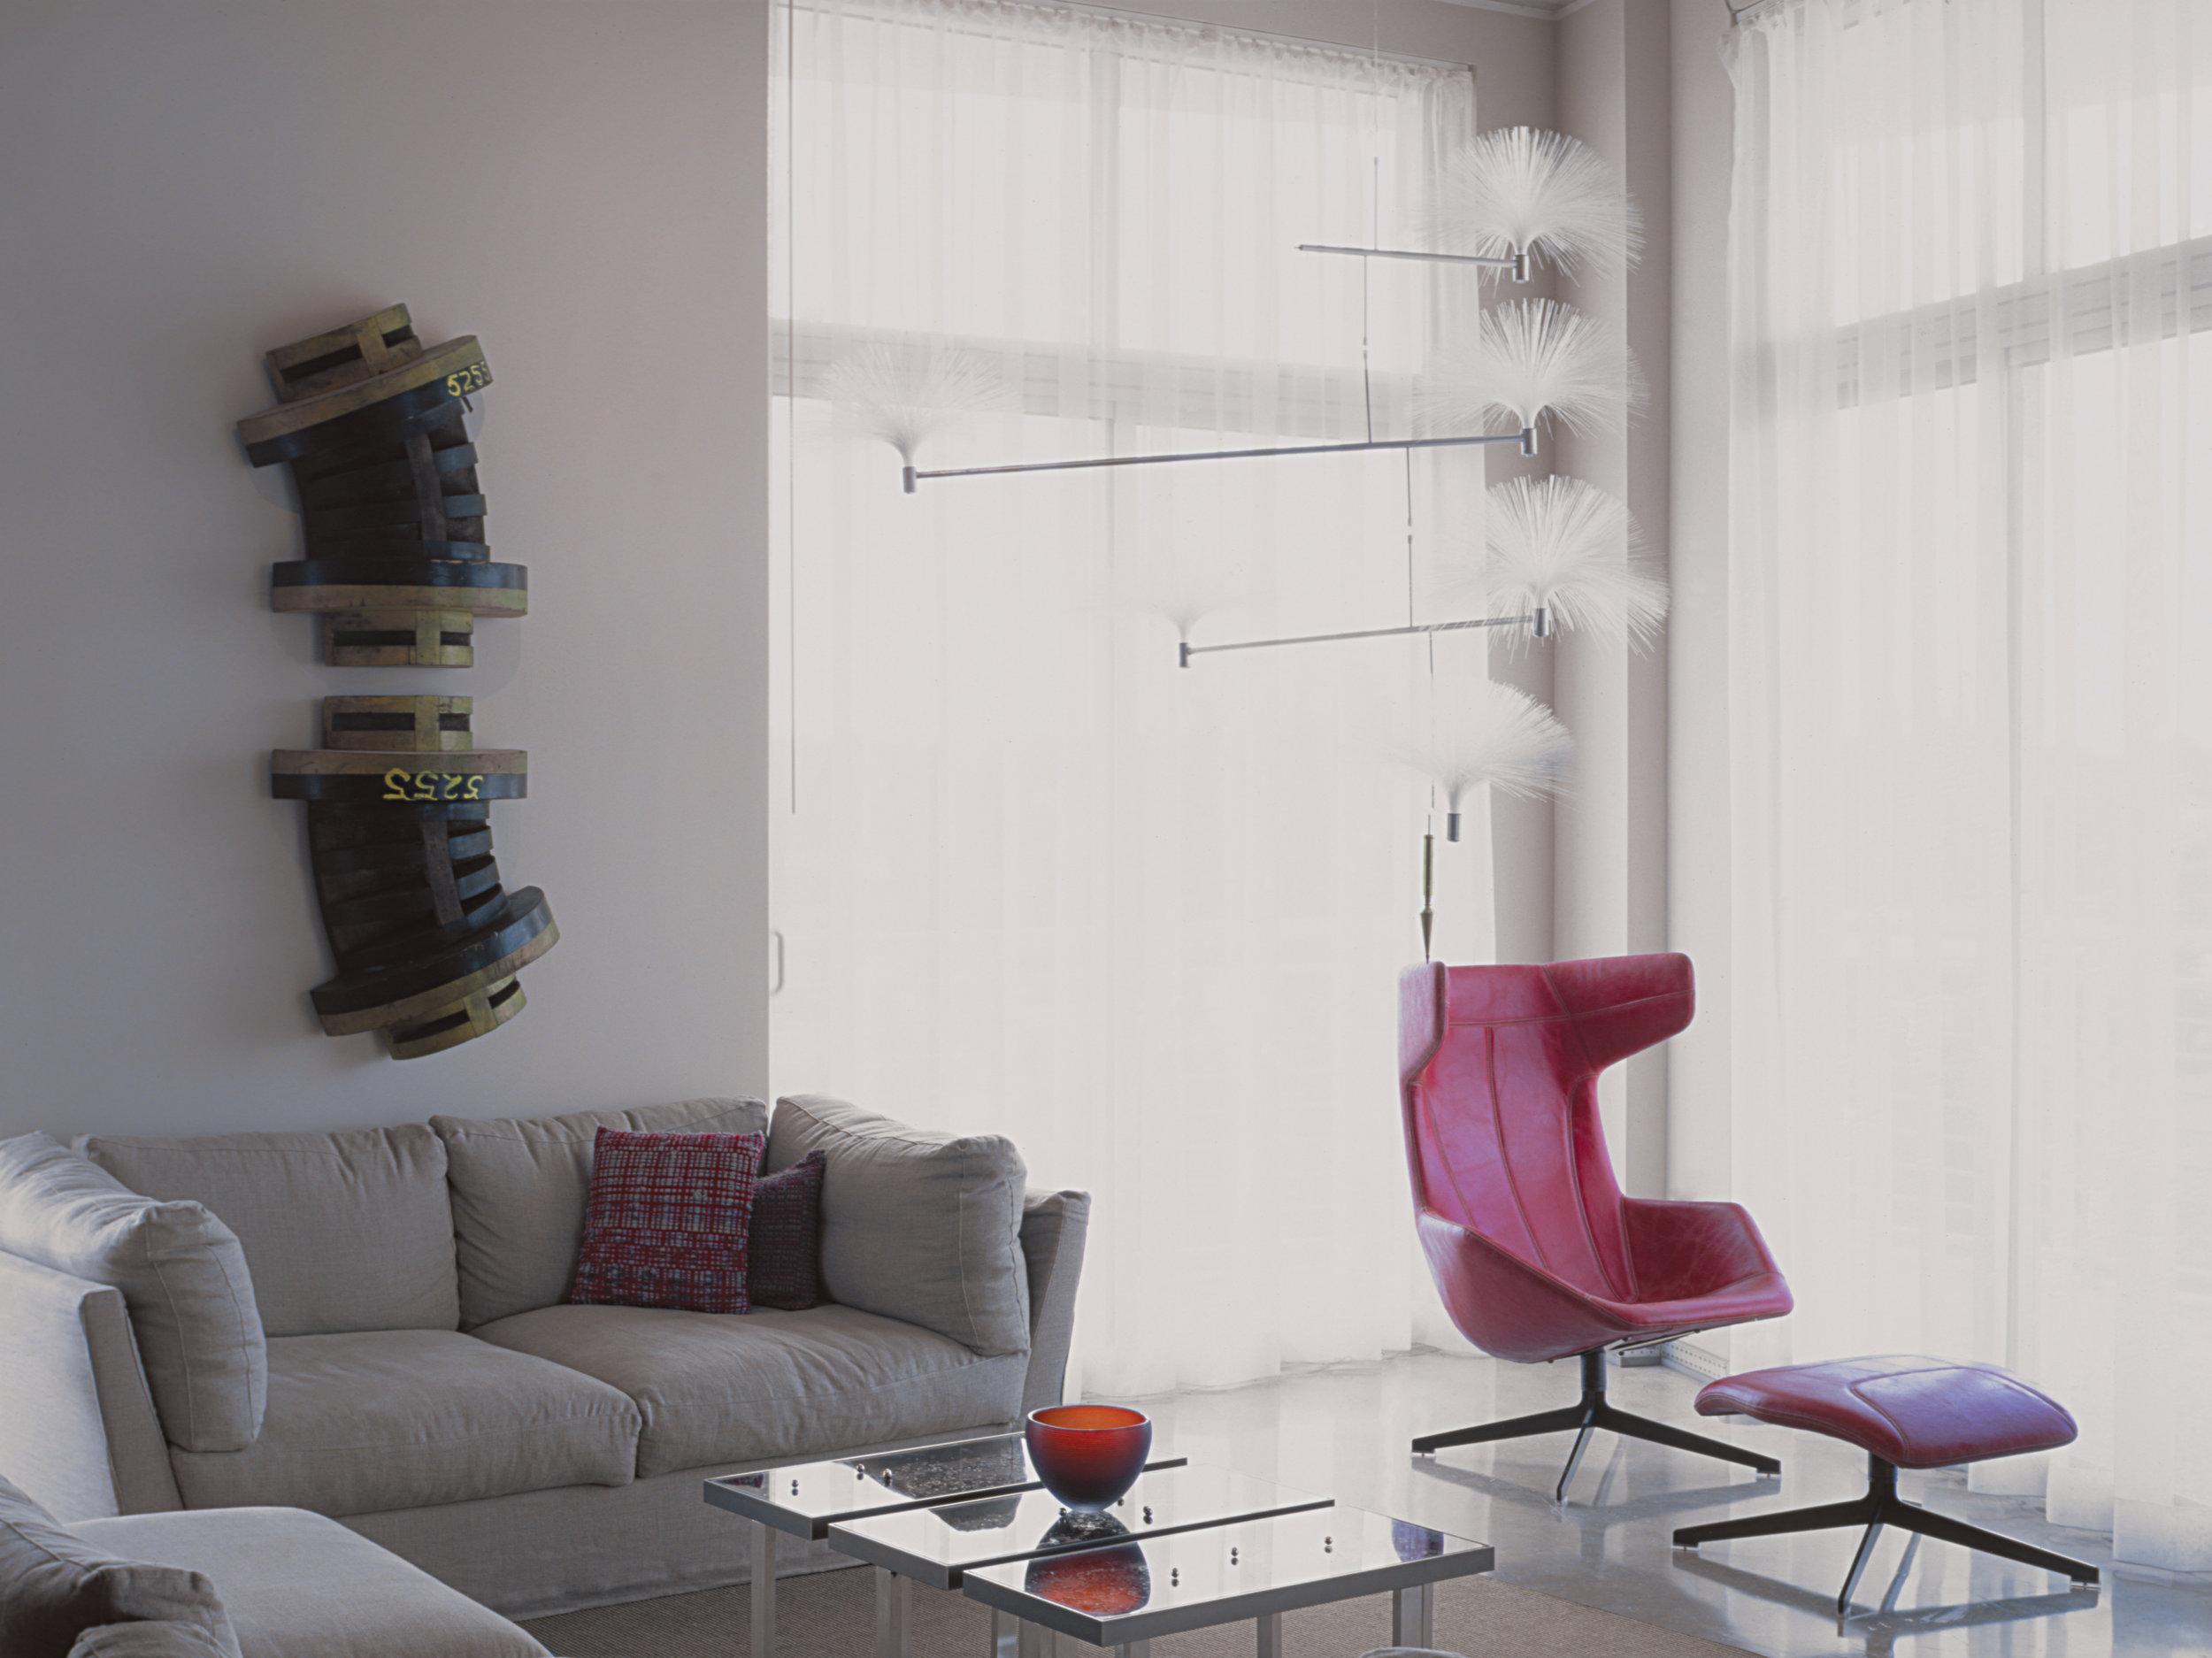 luis-pons-design-interior-loft-Miami-Beach_6.jpg